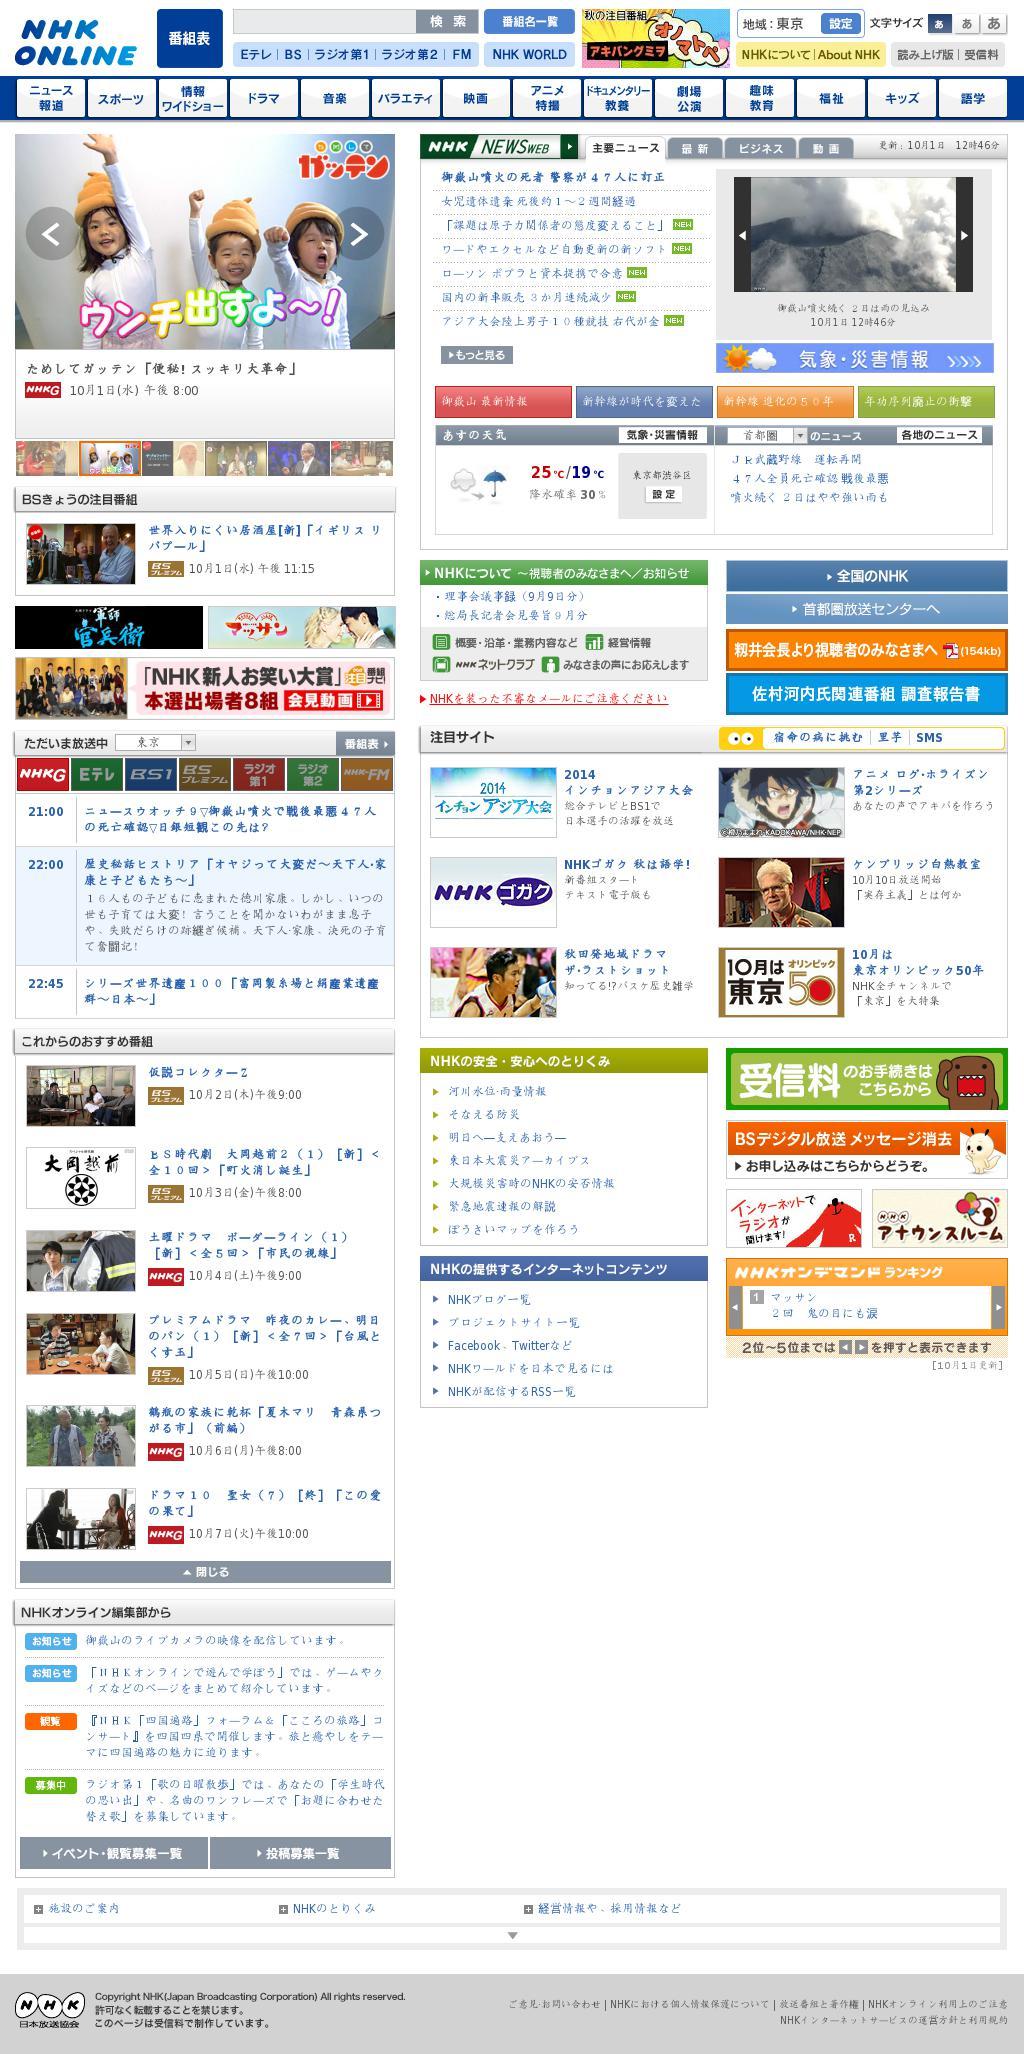 NHK Online at Wednesday Oct. 1, 2014, 1:12 p.m. UTC